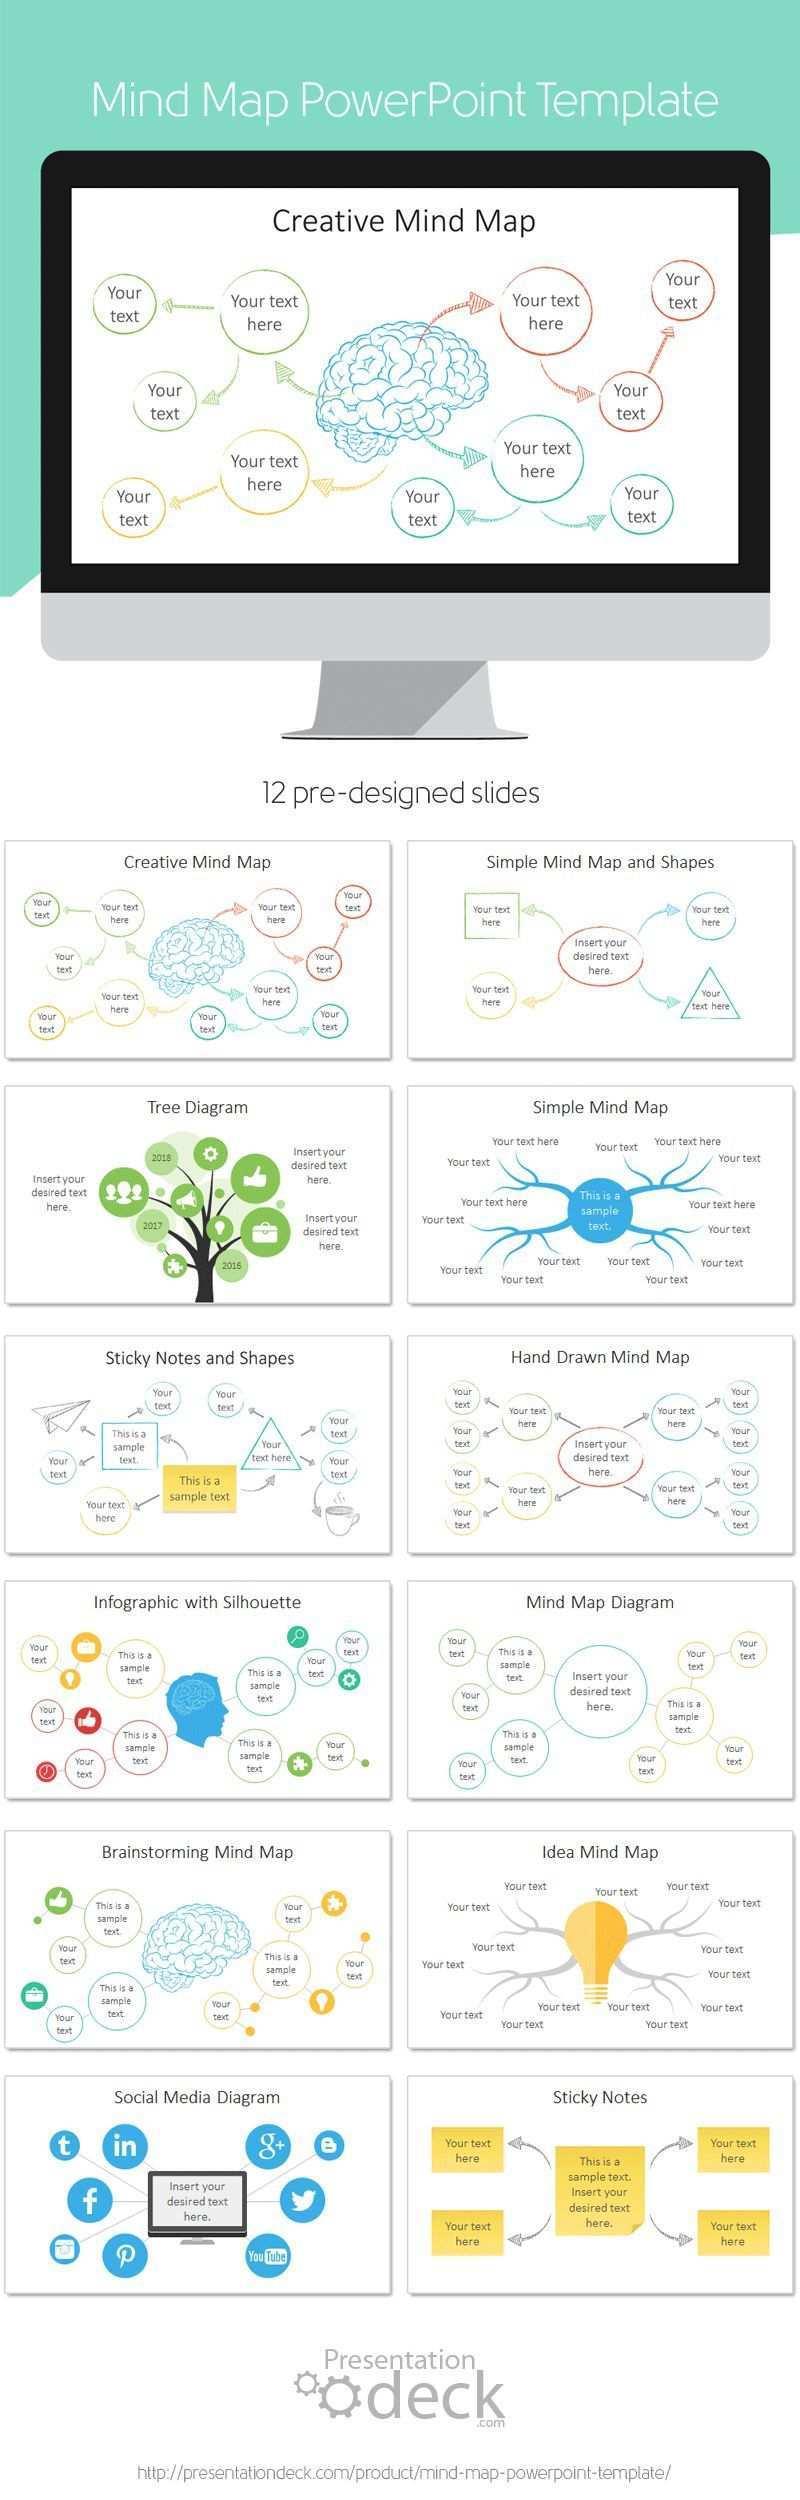 Mindmap Erstellen Um Ordnung In Den Kopf Zu Bekommen Mindmapping Kreative Mindmap Mindmap Powerpoint Vorlagen